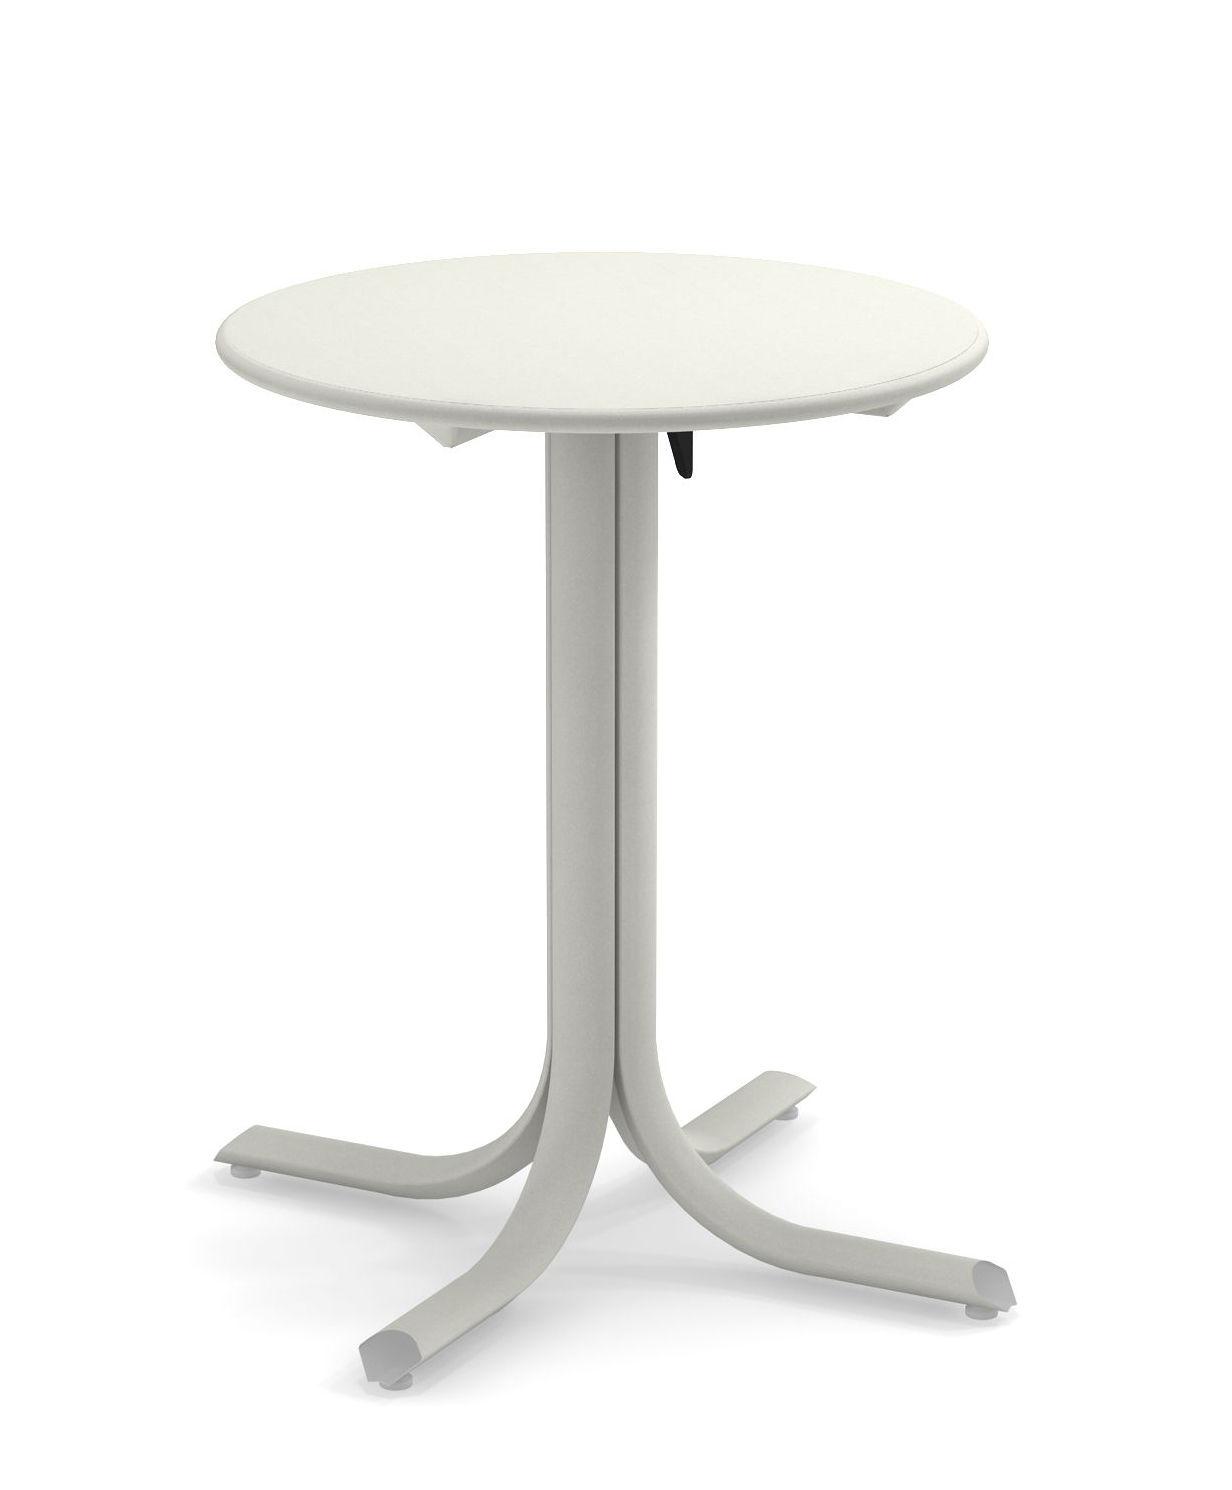 Outdoor - Tavoli  - Tavolo pieghevole System - / Ø 60 cm di Emu - Bianco - Acier peint galvanisé